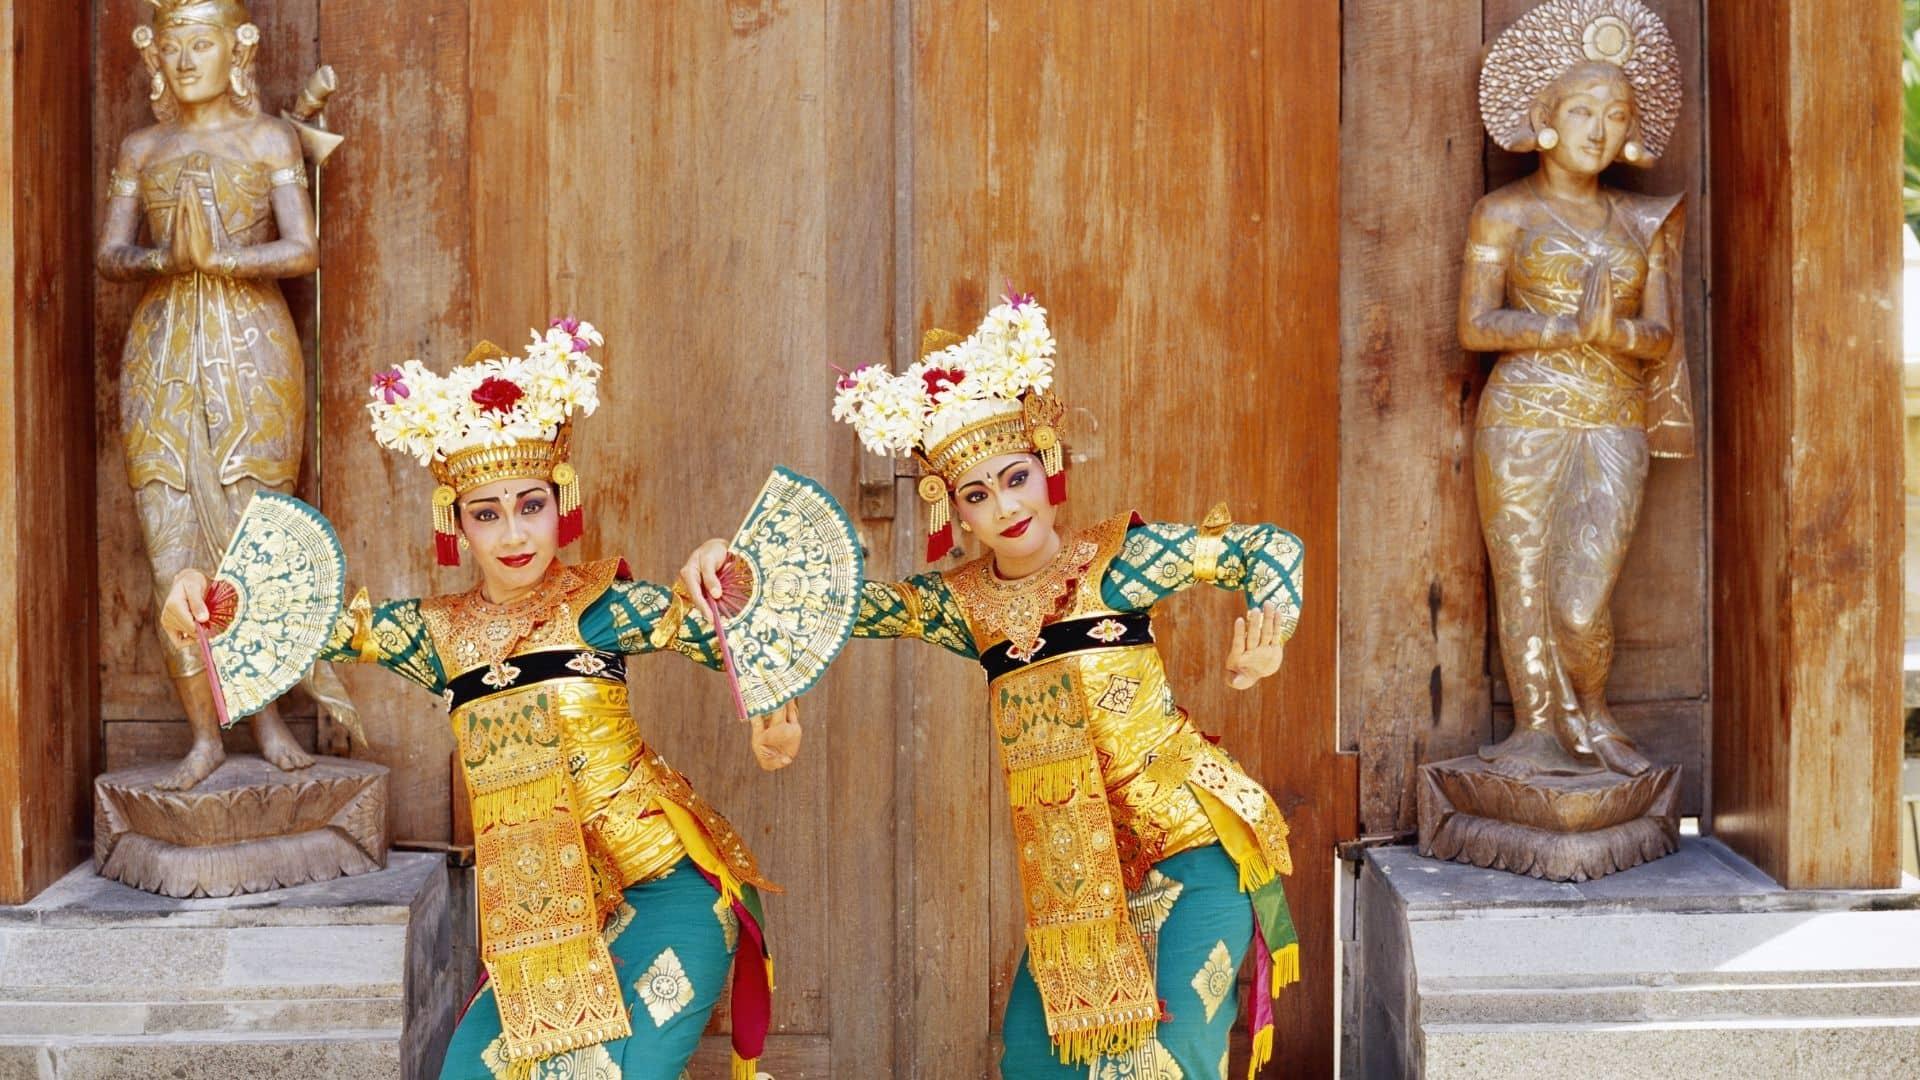 El legong es una baile tradicionale de Bali